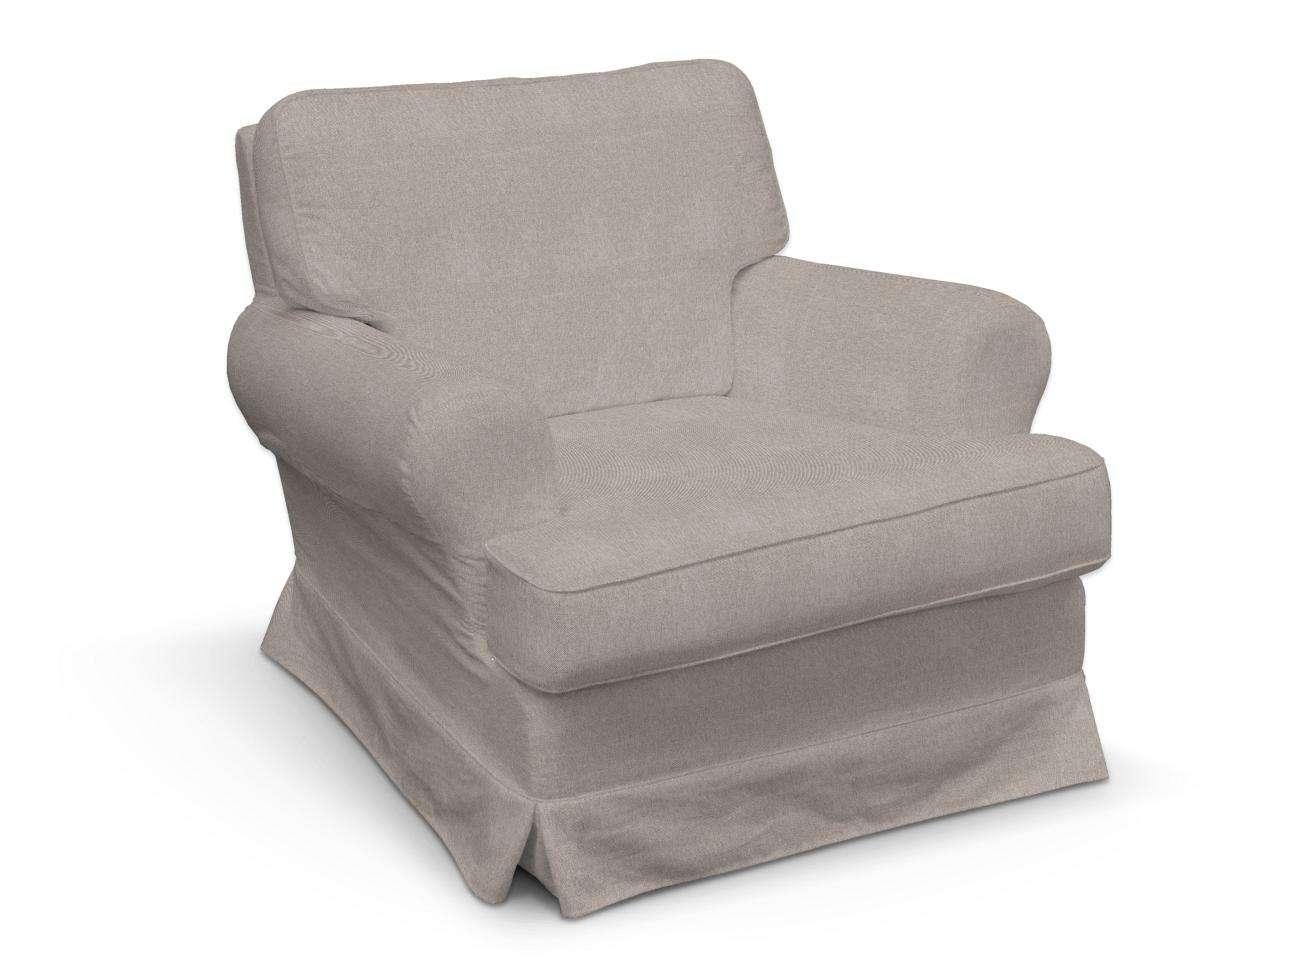 Bezug für Barkaby Sessel von der Kollektion Etna, Stoff: 705-09